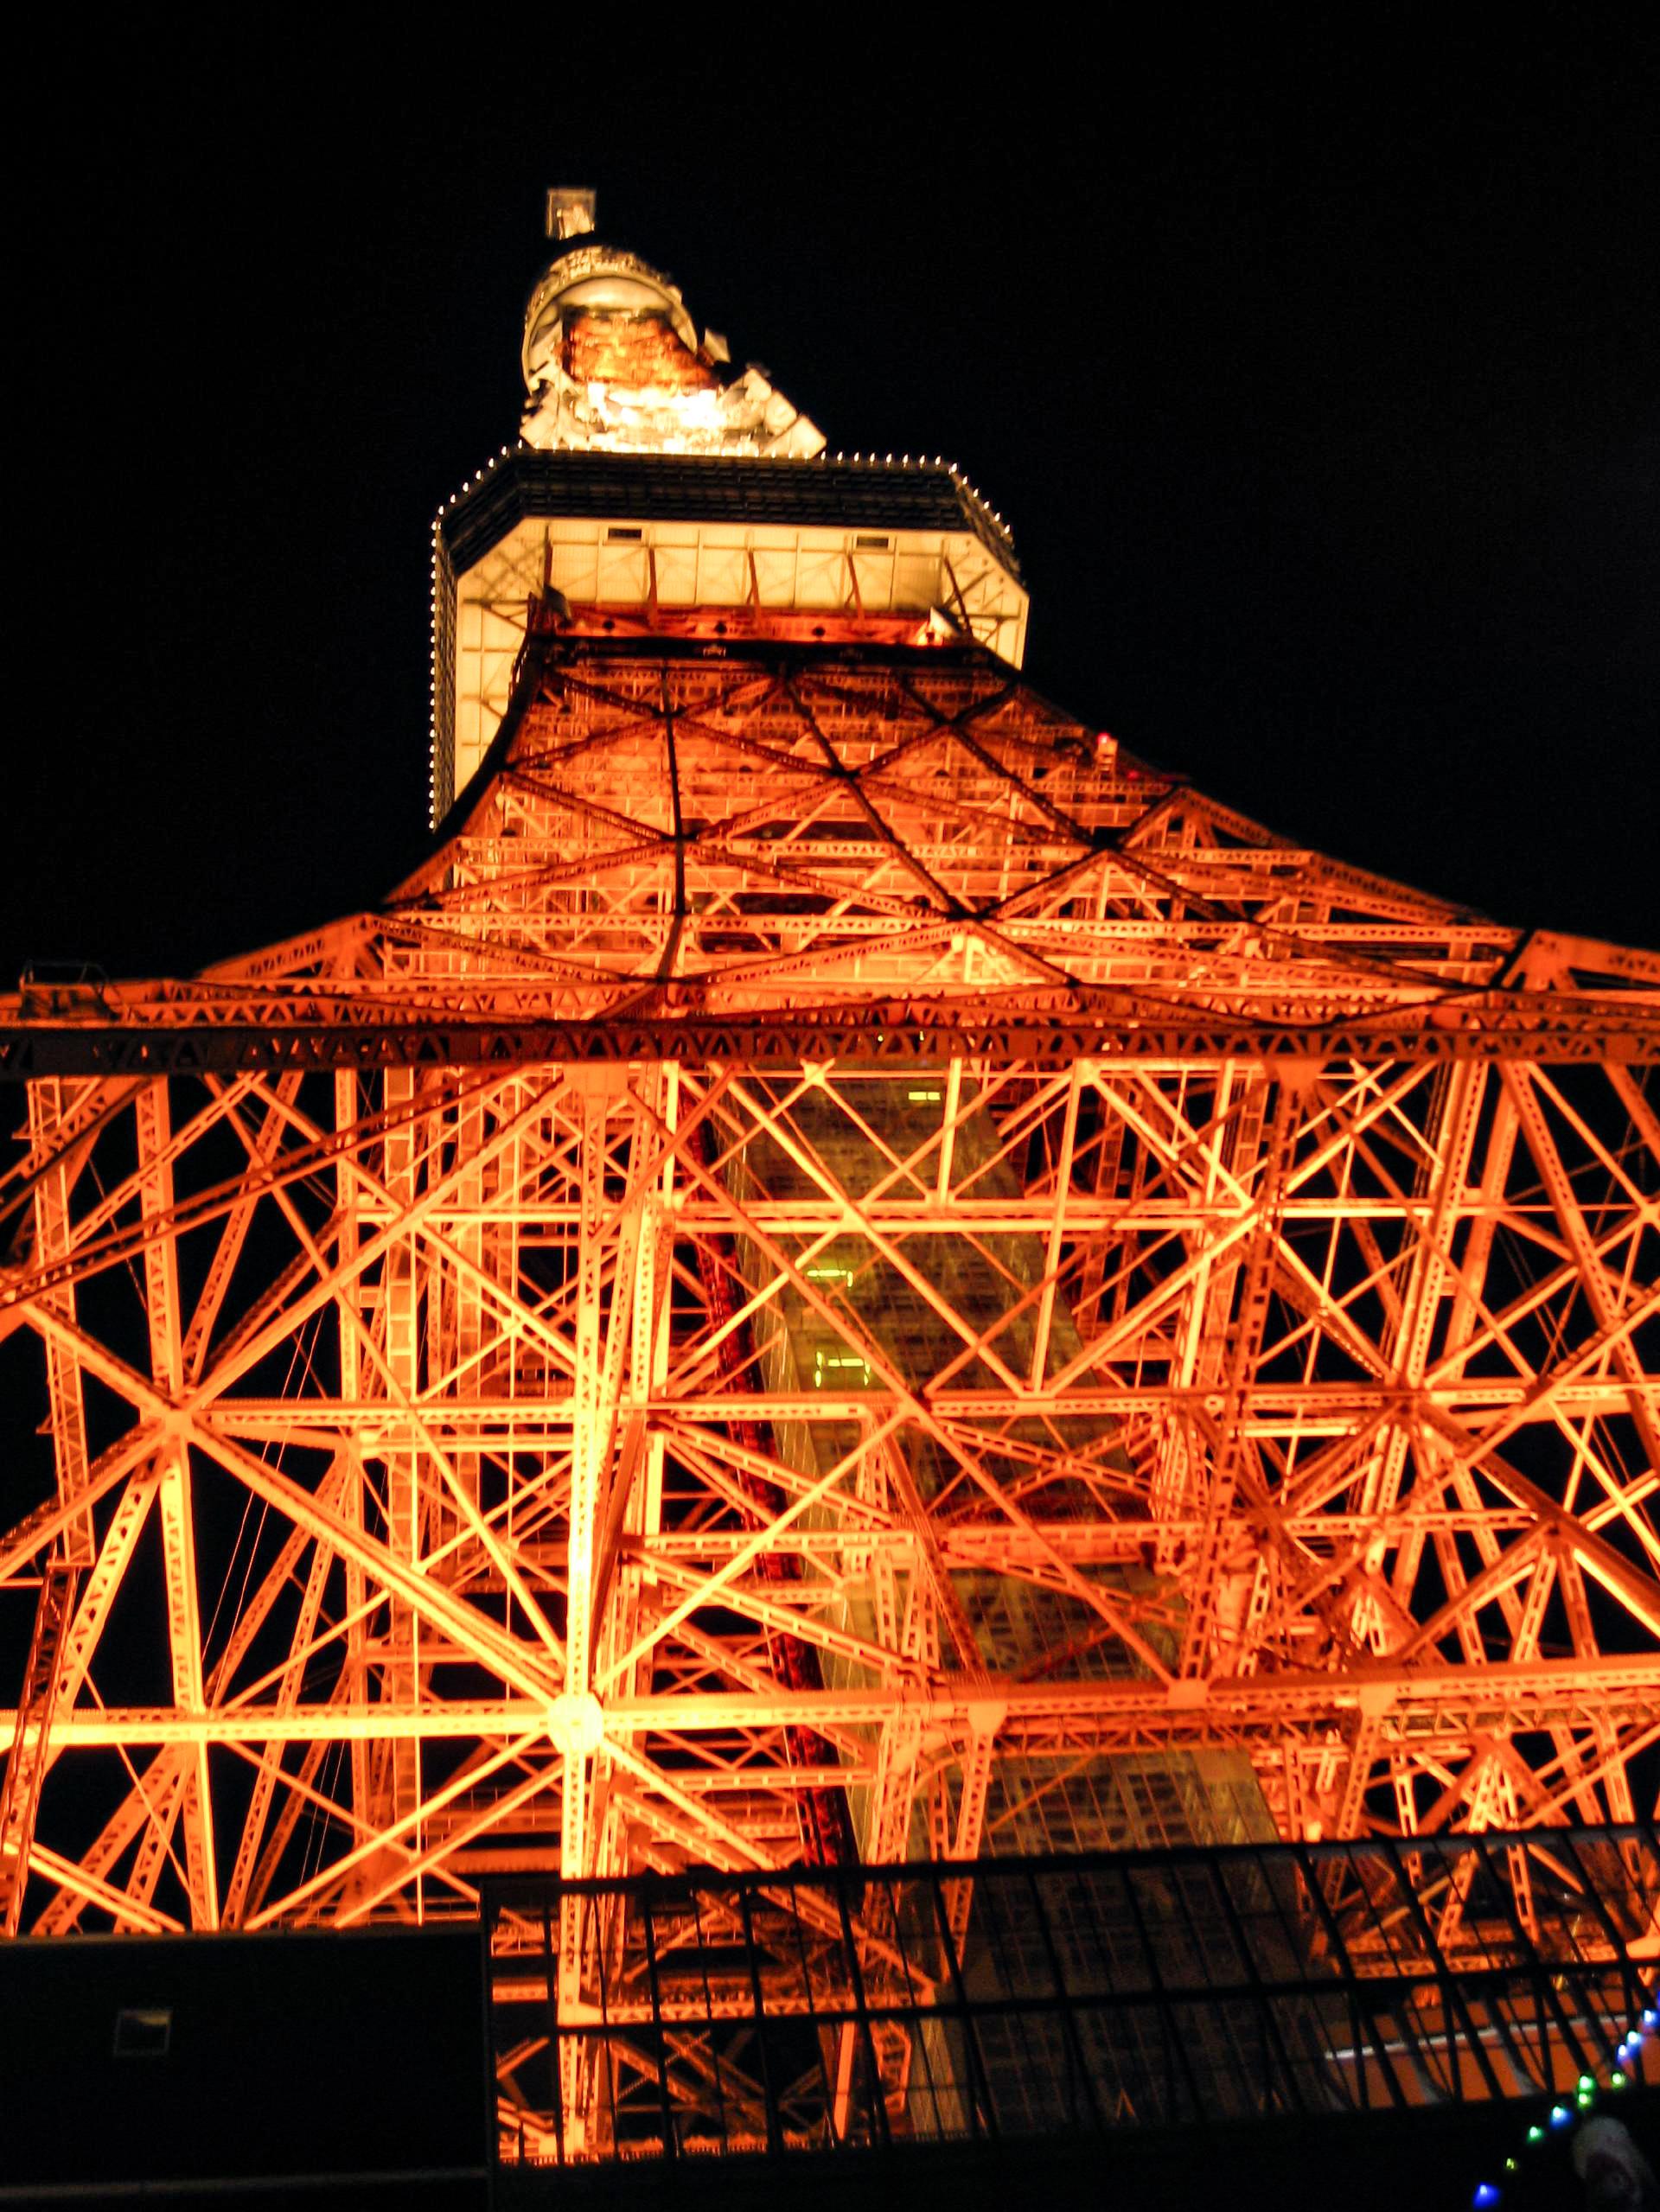 オレンジゴールドに光る夜の東京タワーを下から撮影